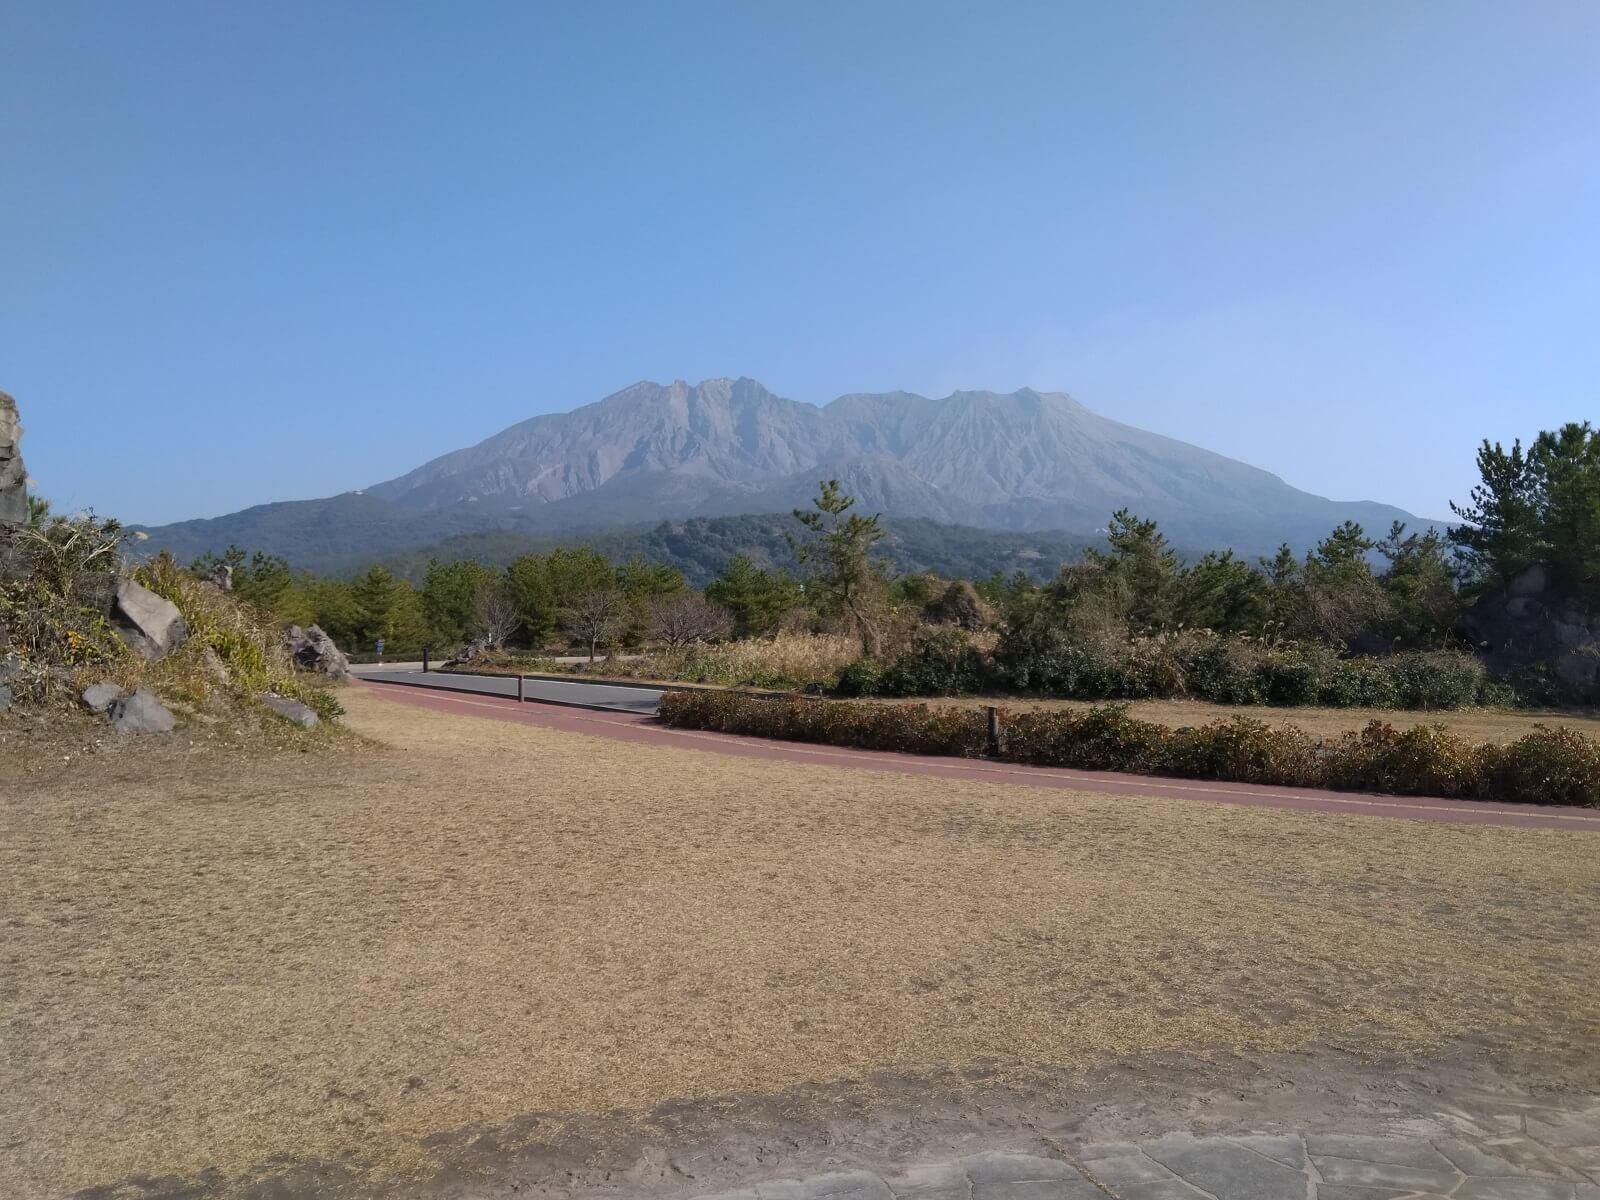 Il vulcano giapponese Sakurajima (Kyushu) in una bella giornata di gennaio